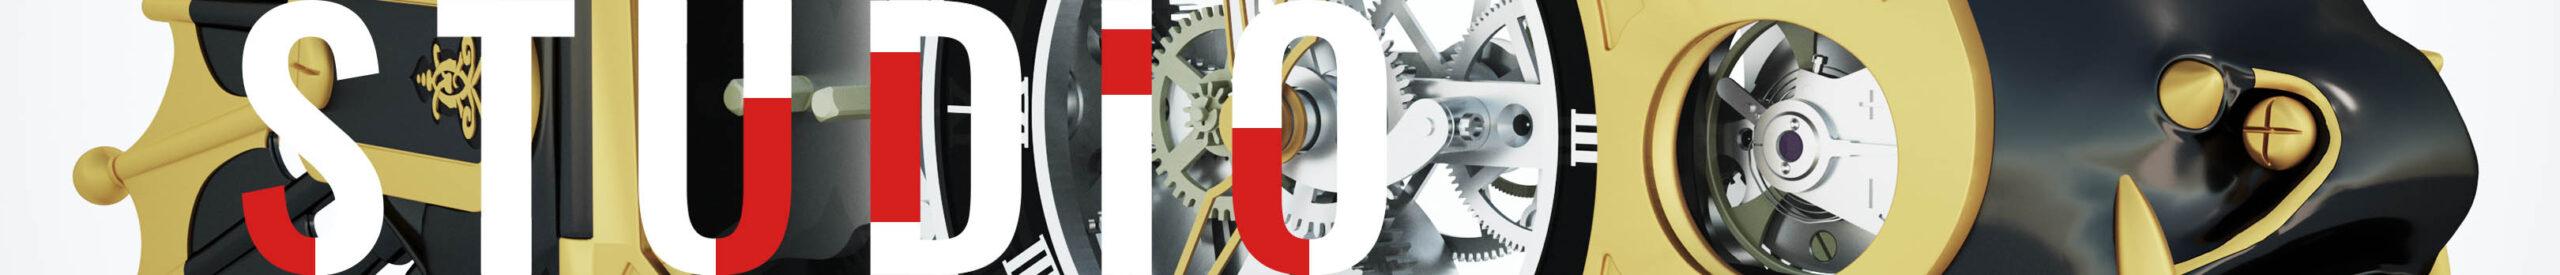 Десктопное лого 3